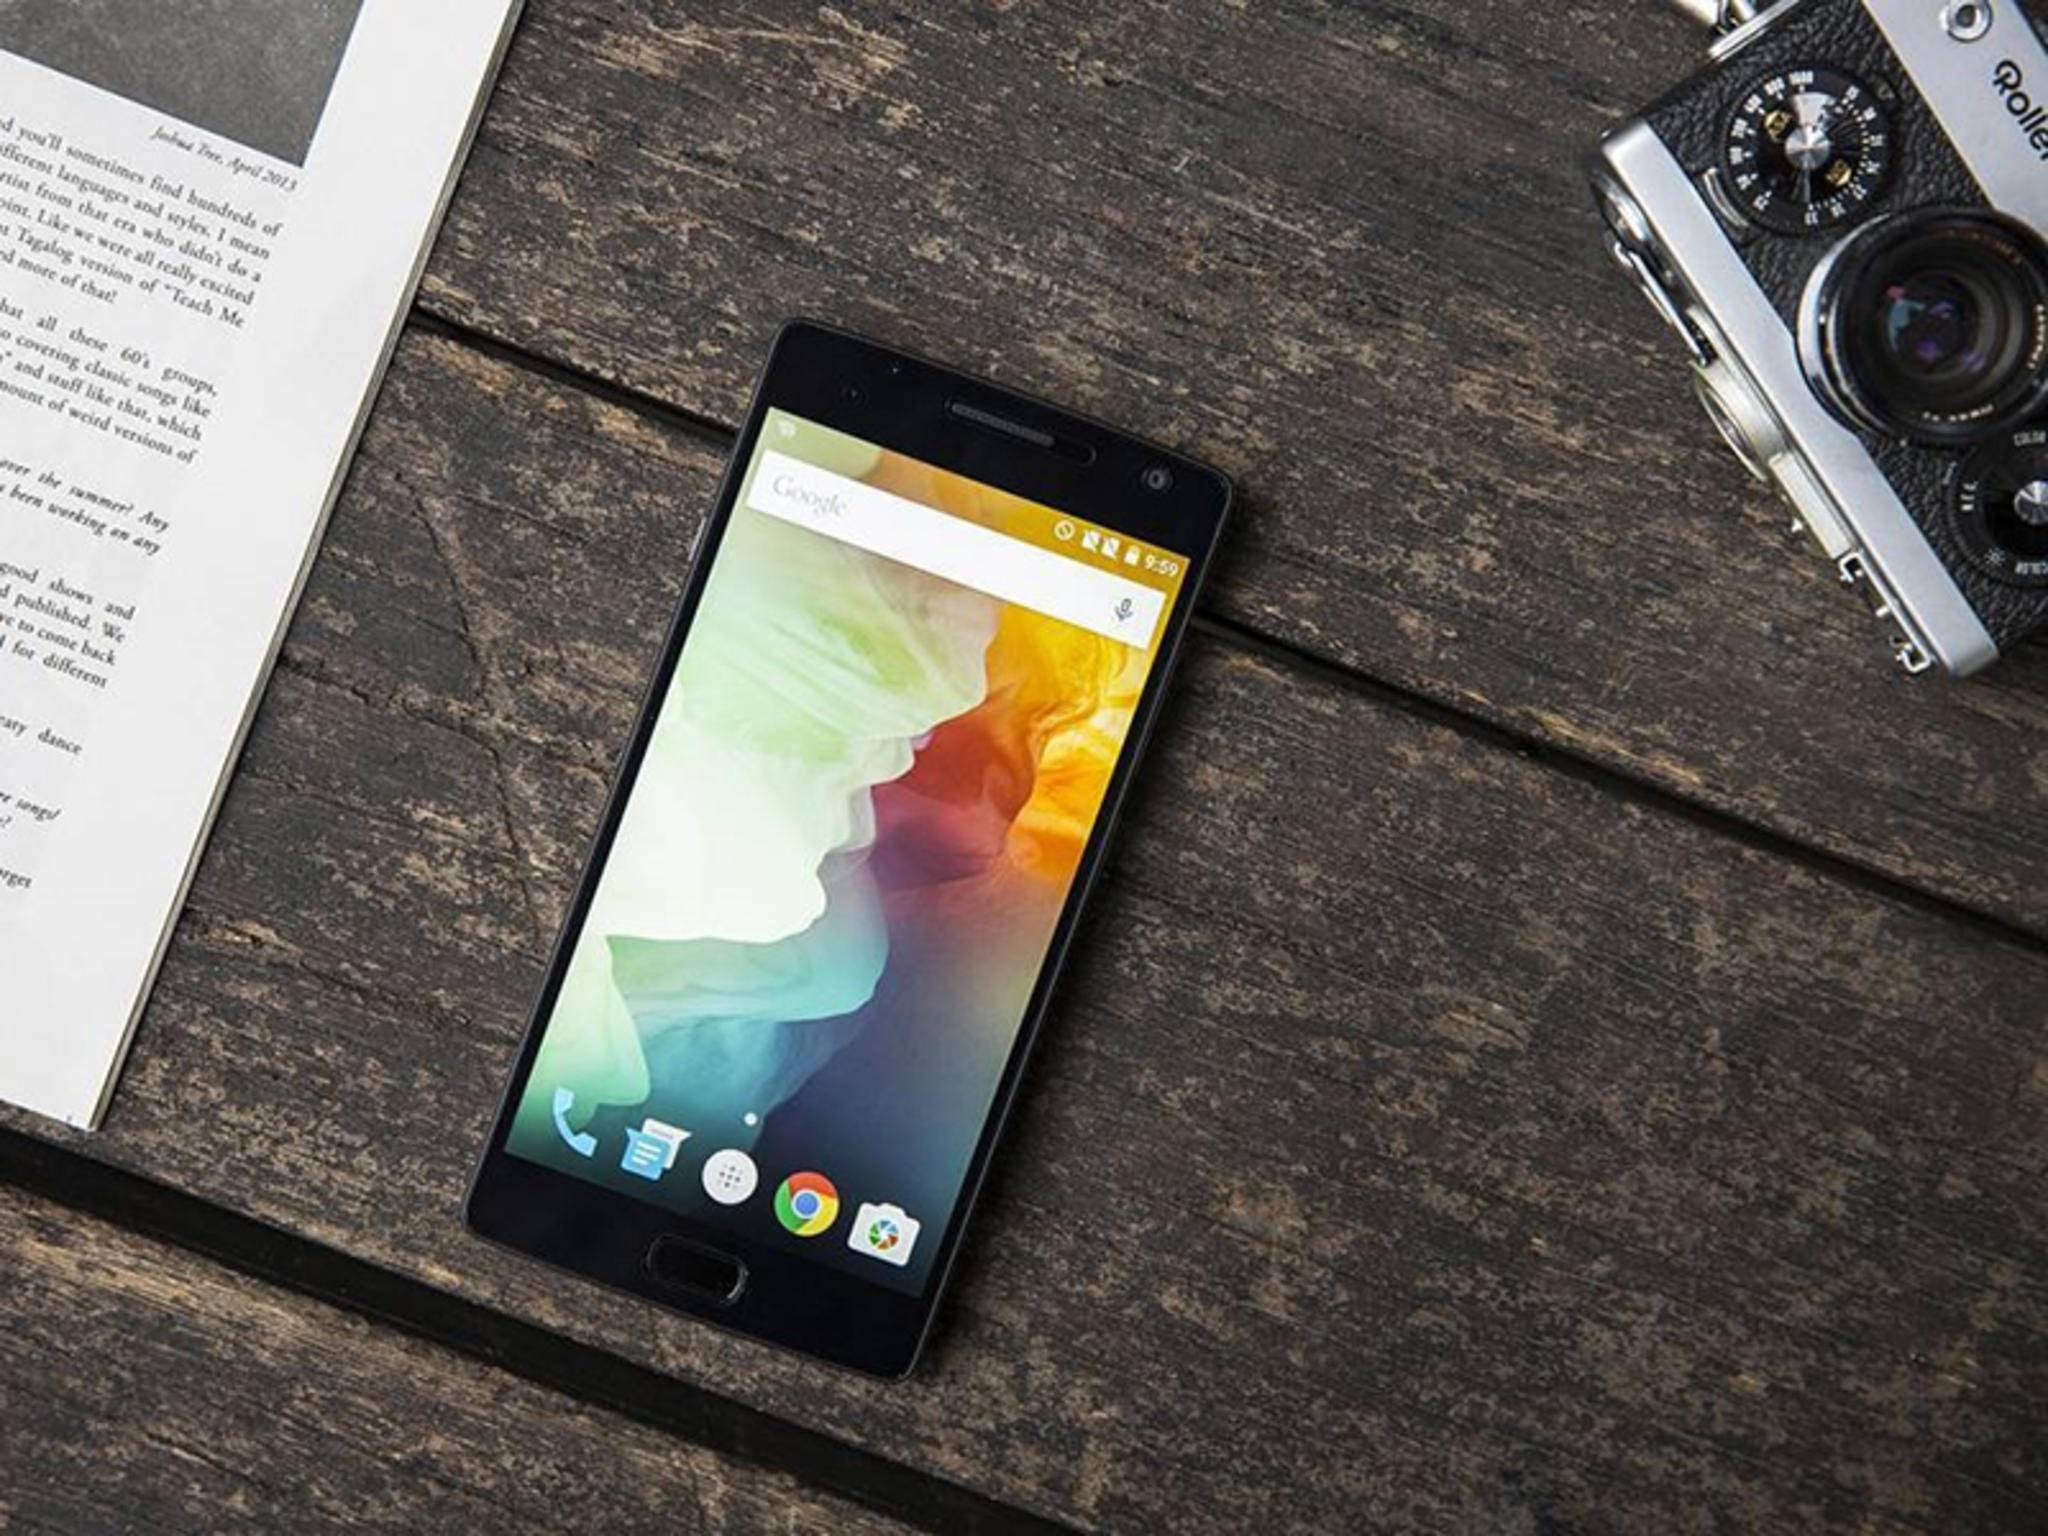 Das OnePlus 3 wird im Vergleich zum Vorgänger auf eine etwas andere Optik setzen.